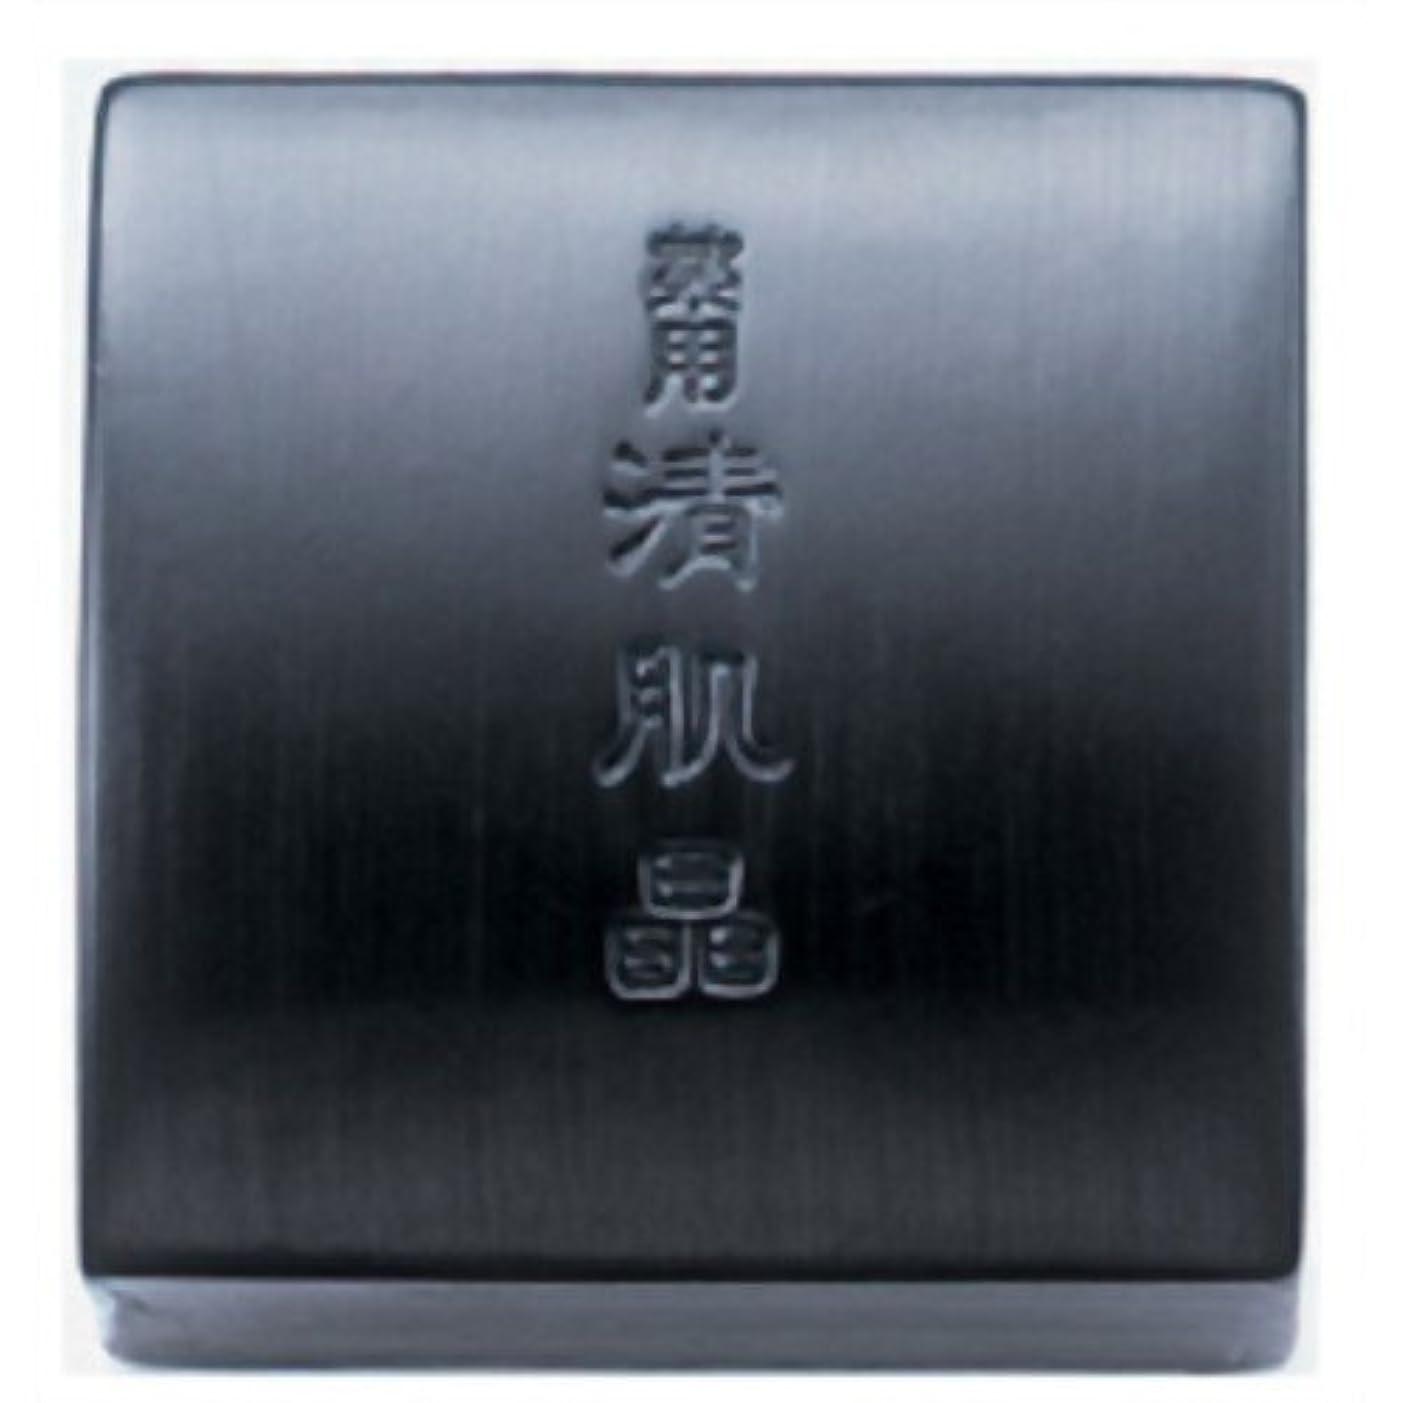 柔らかい寝具連鎖コーセー 薬用 清肌晶 120g